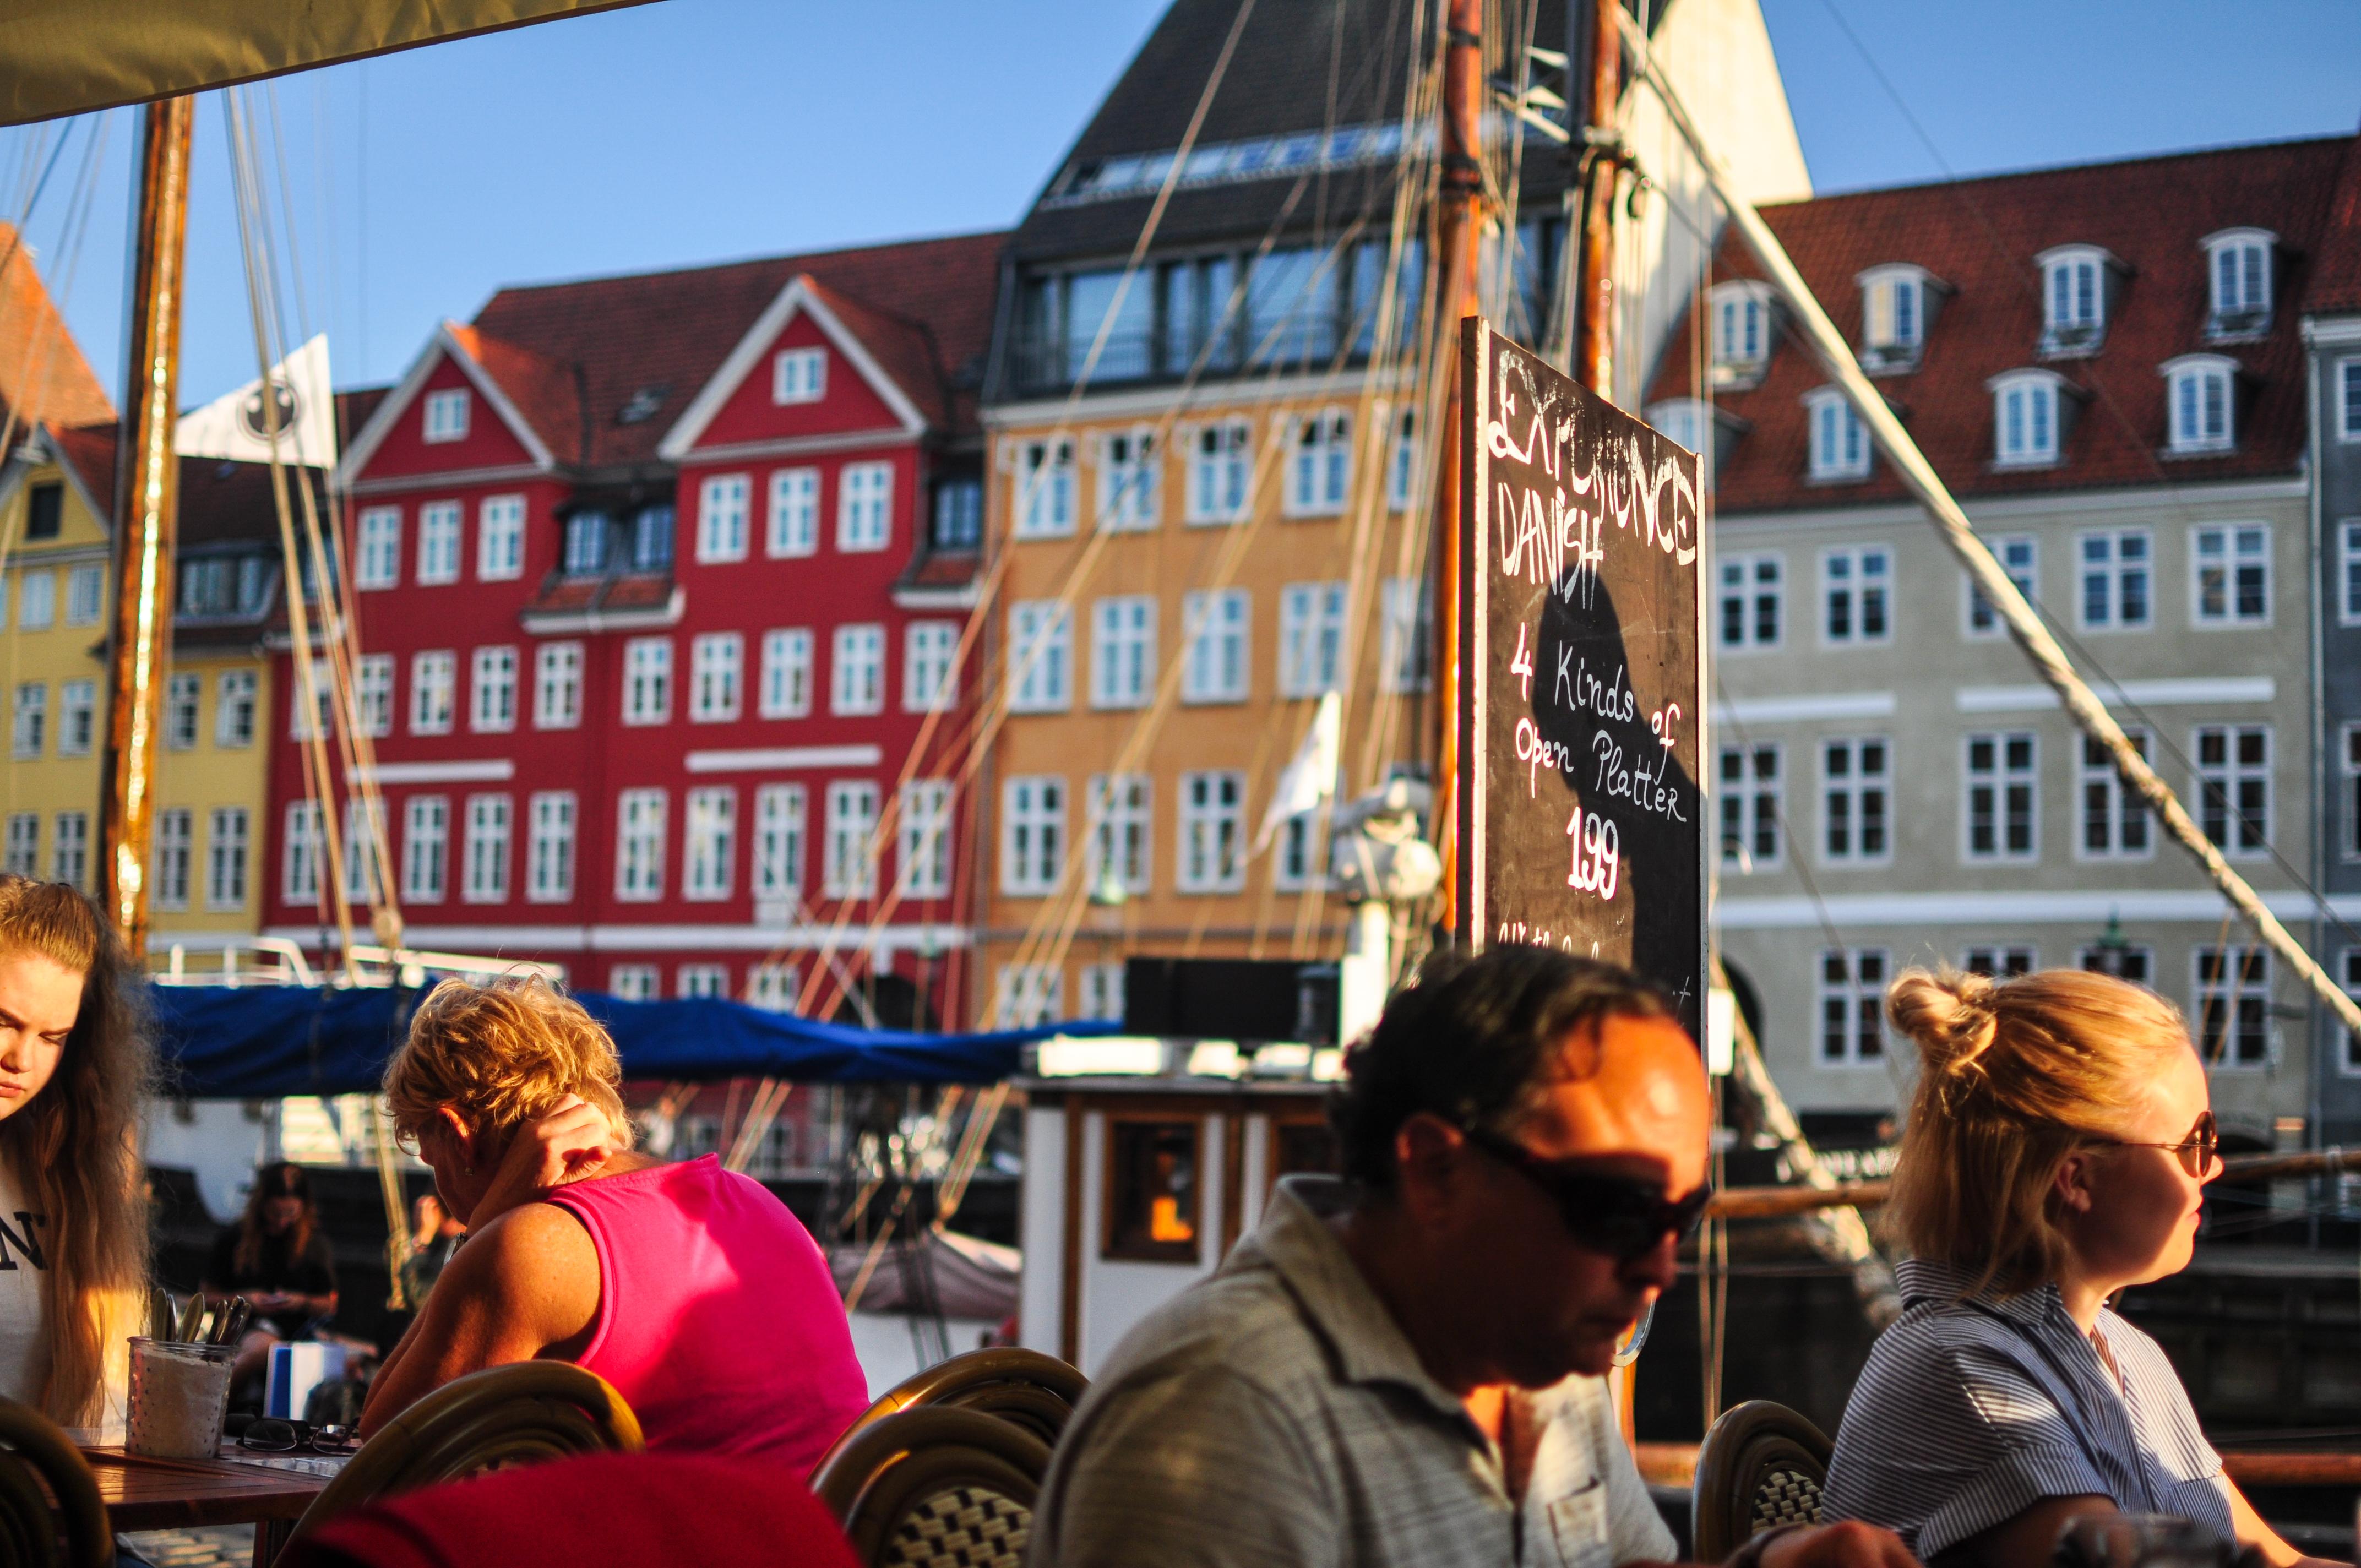 เที่ยวโคเปนเฮเกน โคเปนเฮเกน เดนมาร์ก เที่ยวเดนมาร์ก